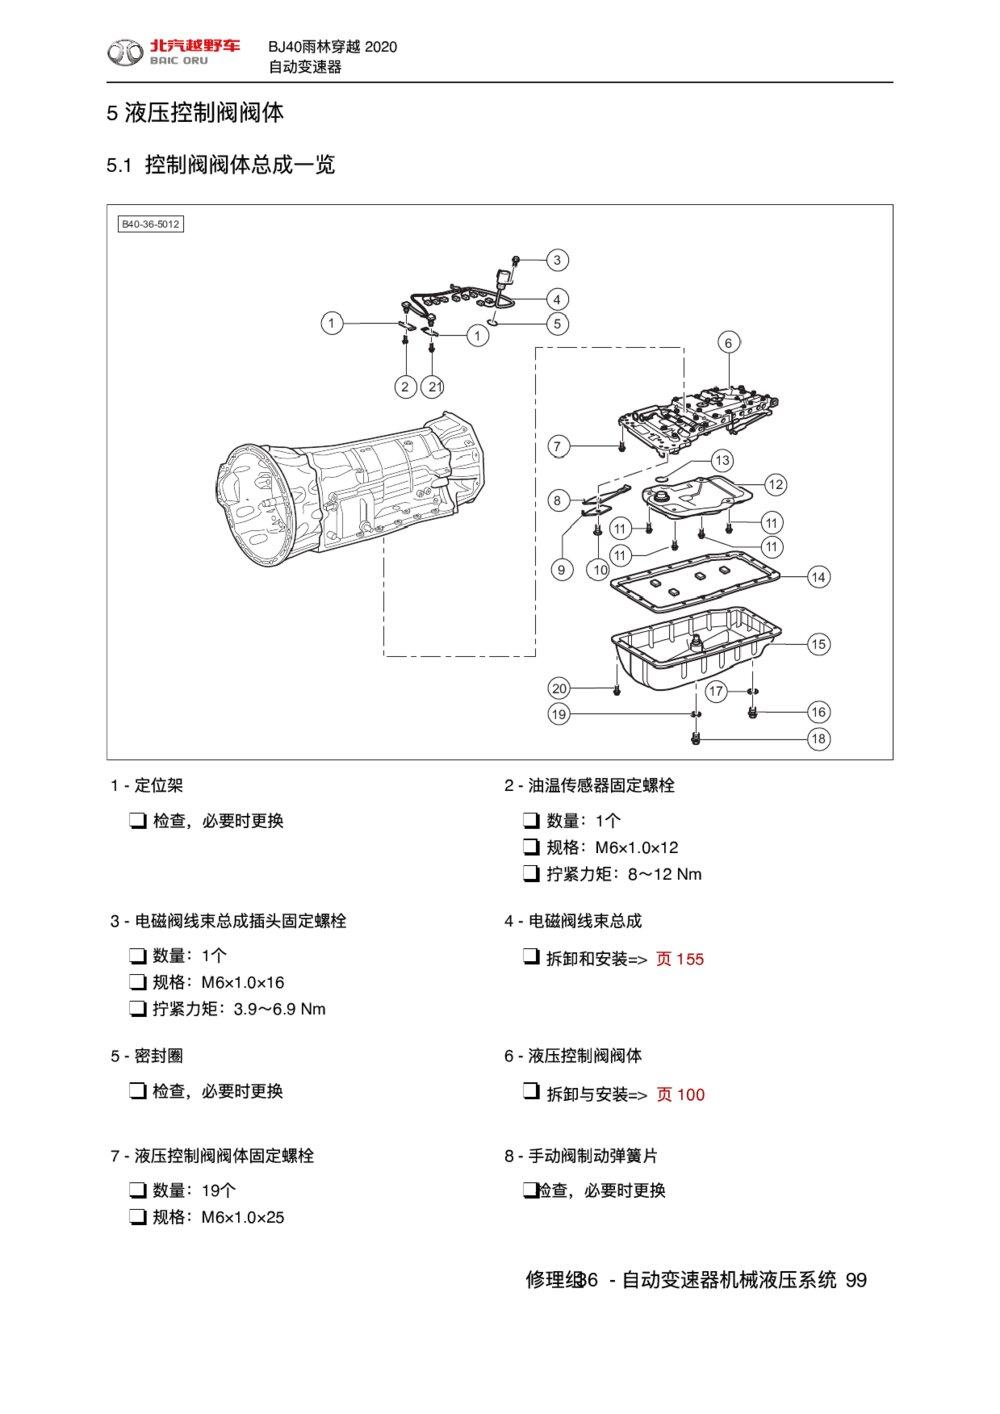 2020款北京BJ40雨林穿越版液压控制阀阀体